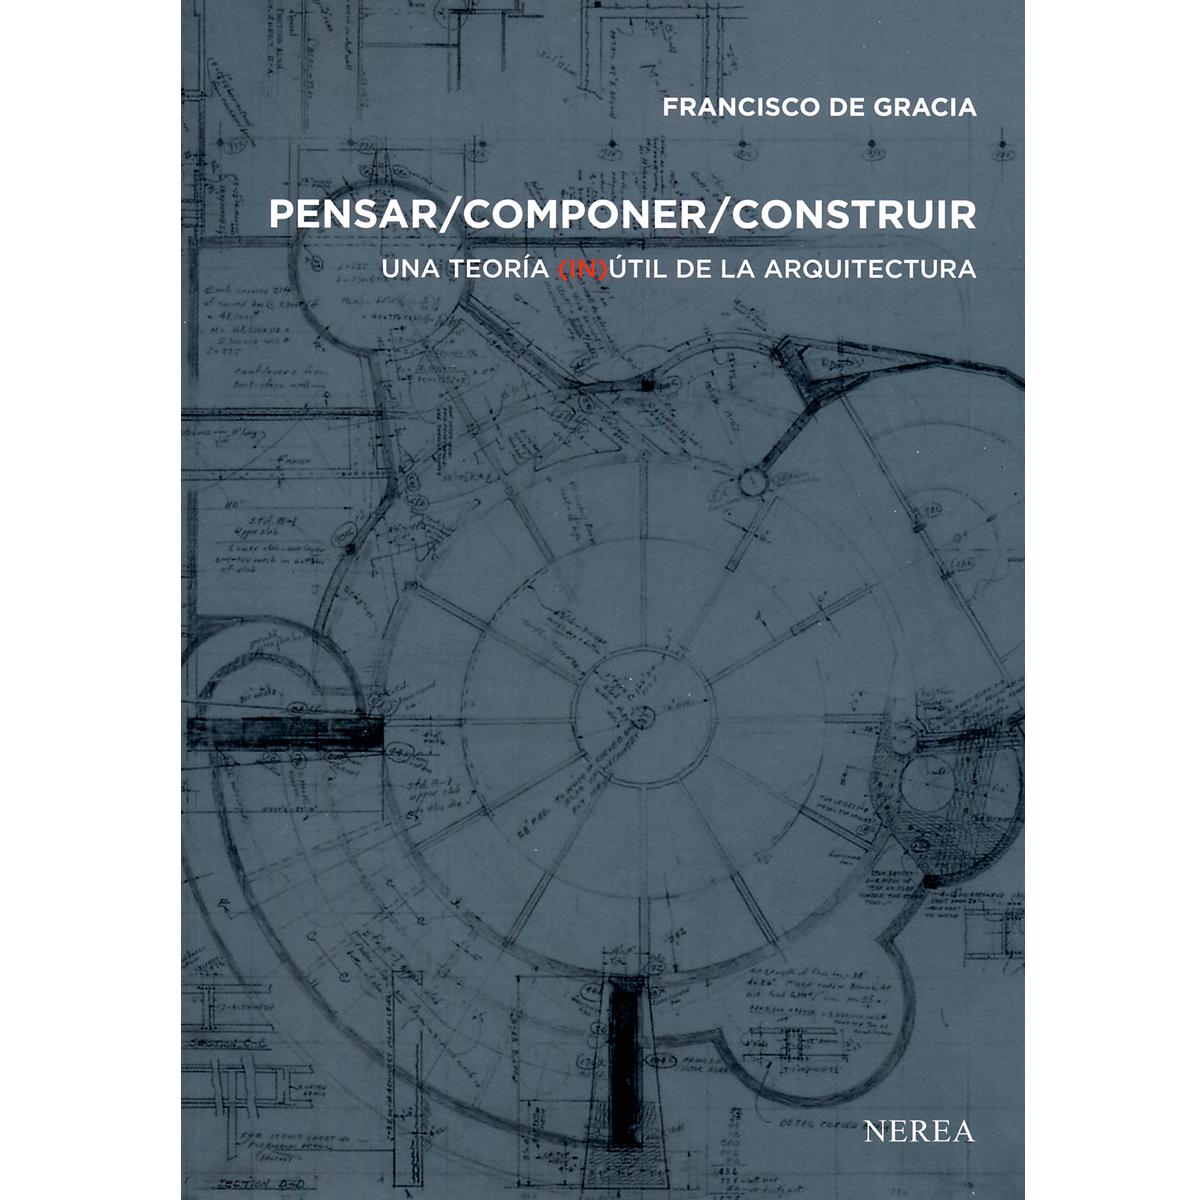 Pensar/Componer/Construir